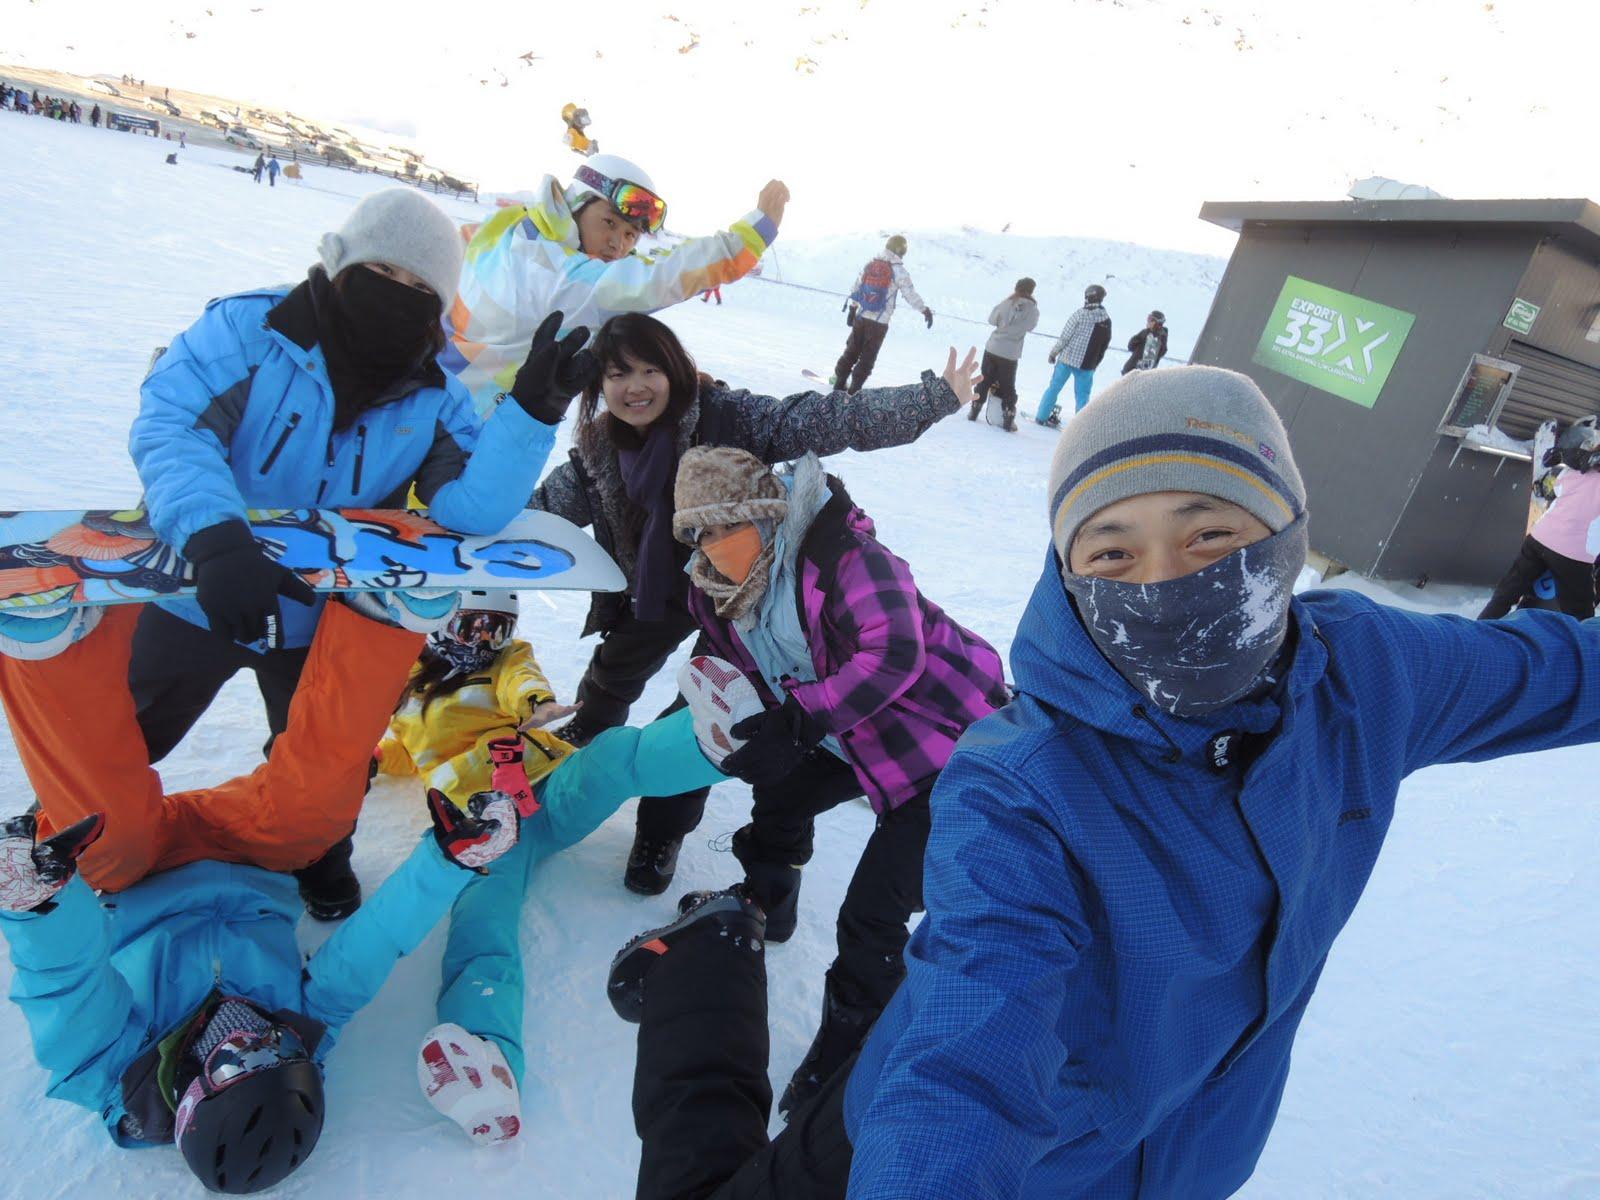 [頭獎徽]自助滑雪費用攻略及省錢祕笈分享 日本 紐西蘭 澳洲 加拿大: [頭獎徽]澳洲自助滑雪 11天6萬臺幣搞訂 ...